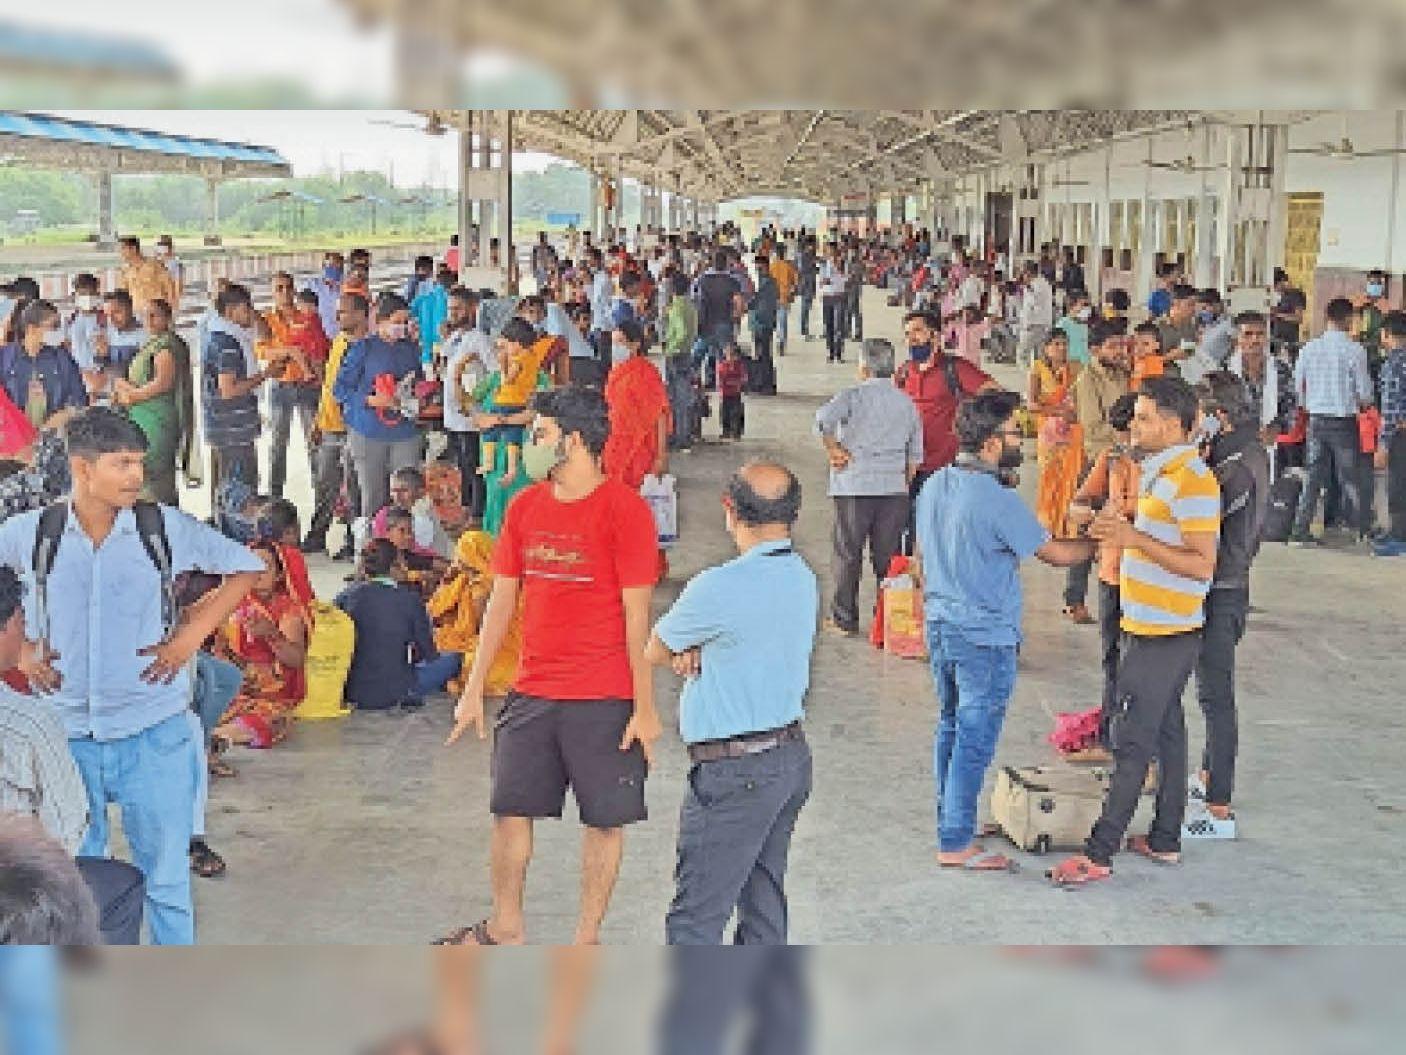 पहली लहर से बंद थी ट्रेन, खजुराहो से भोपाल चलने वाली महामना एक्सप्रेस शुरू होते ही छतरपुर रेलवे स्टेशन पर लौटी रौनक छतरपुर (मध्य प्रदेश),Chhatarpur (MP) - Dainik Bhaskar